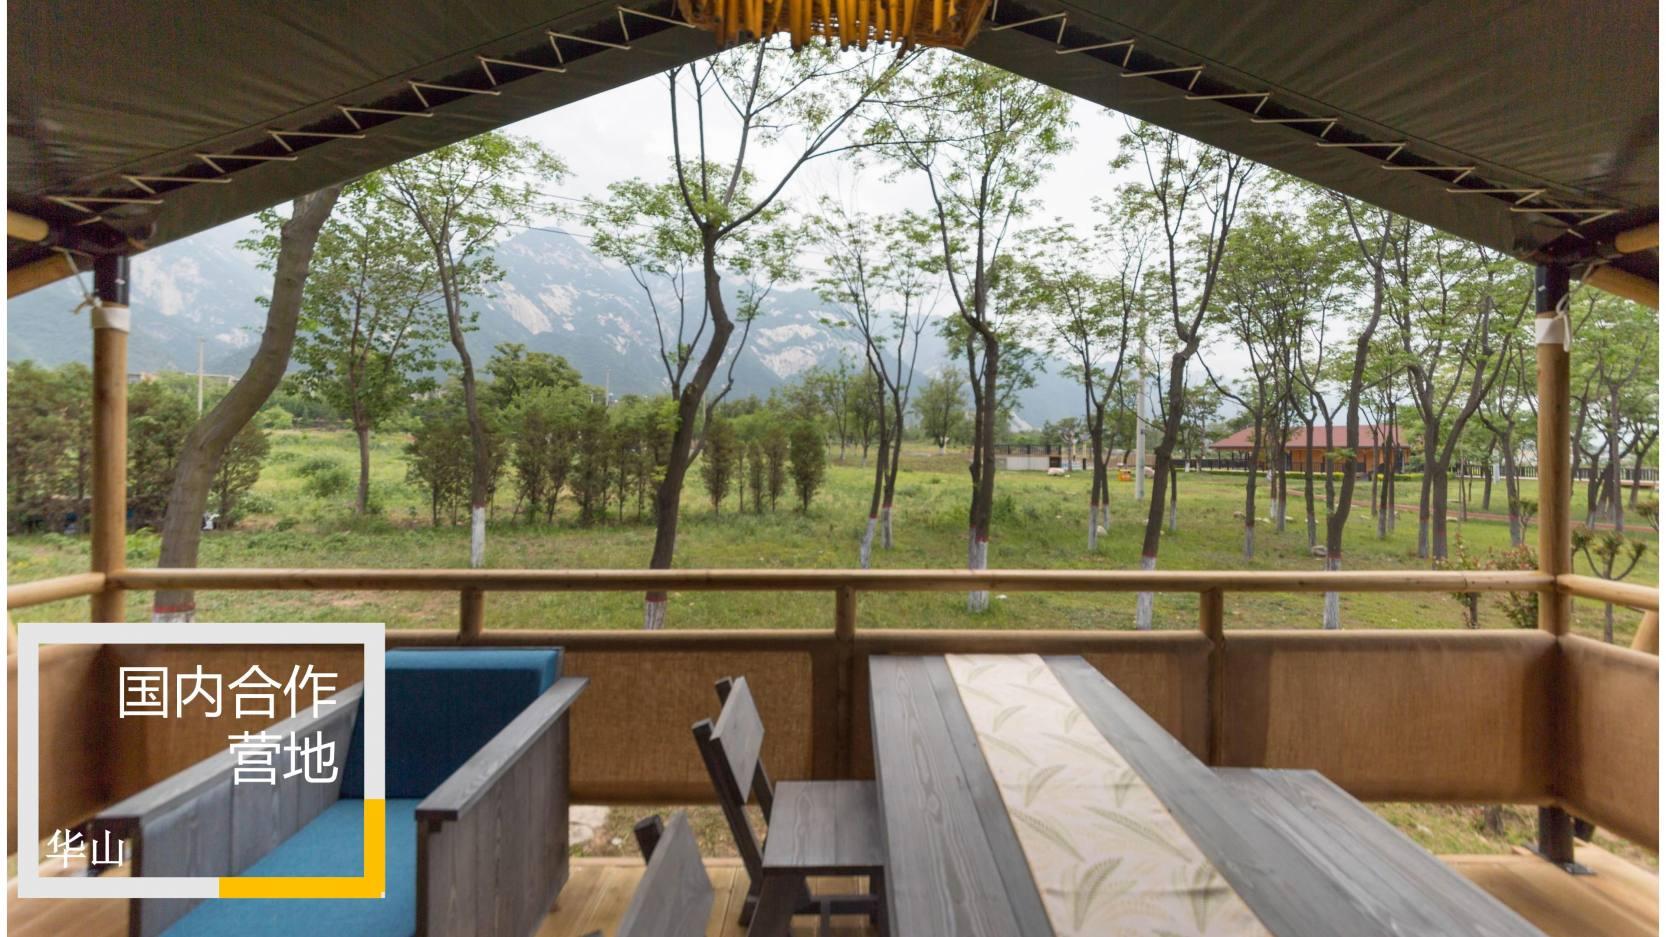 喜马拉雅野奢帐篷 (31)